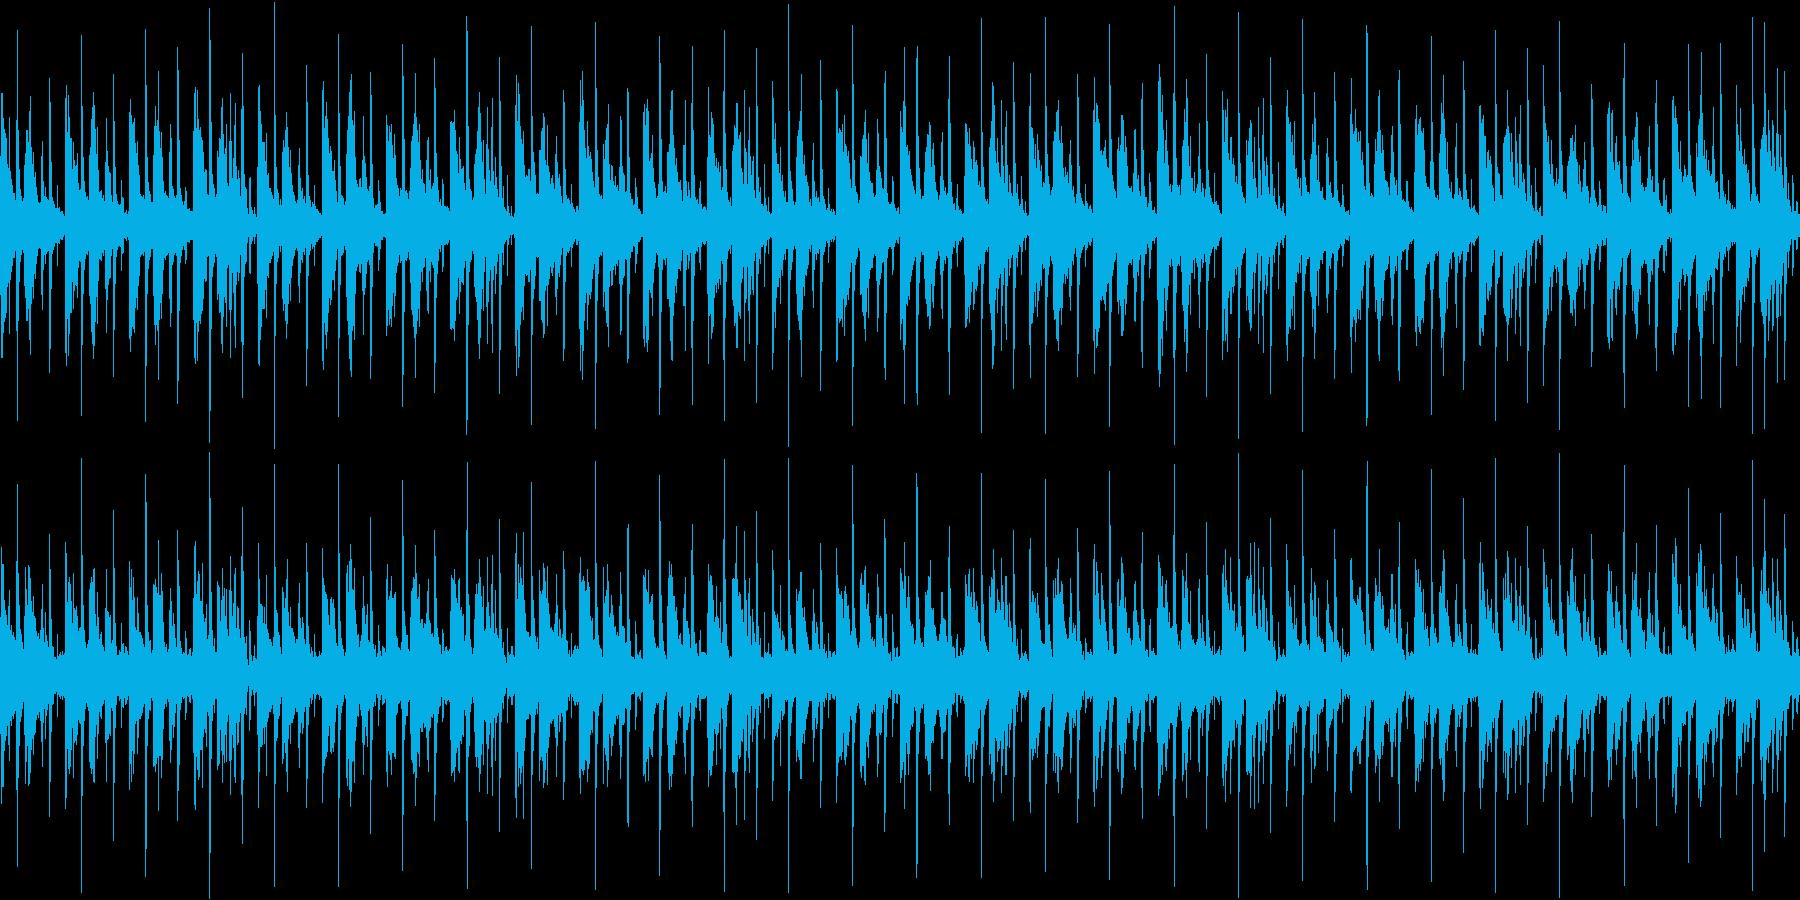 わくわくした雰囲気をもつ楽曲です。の再生済みの波形